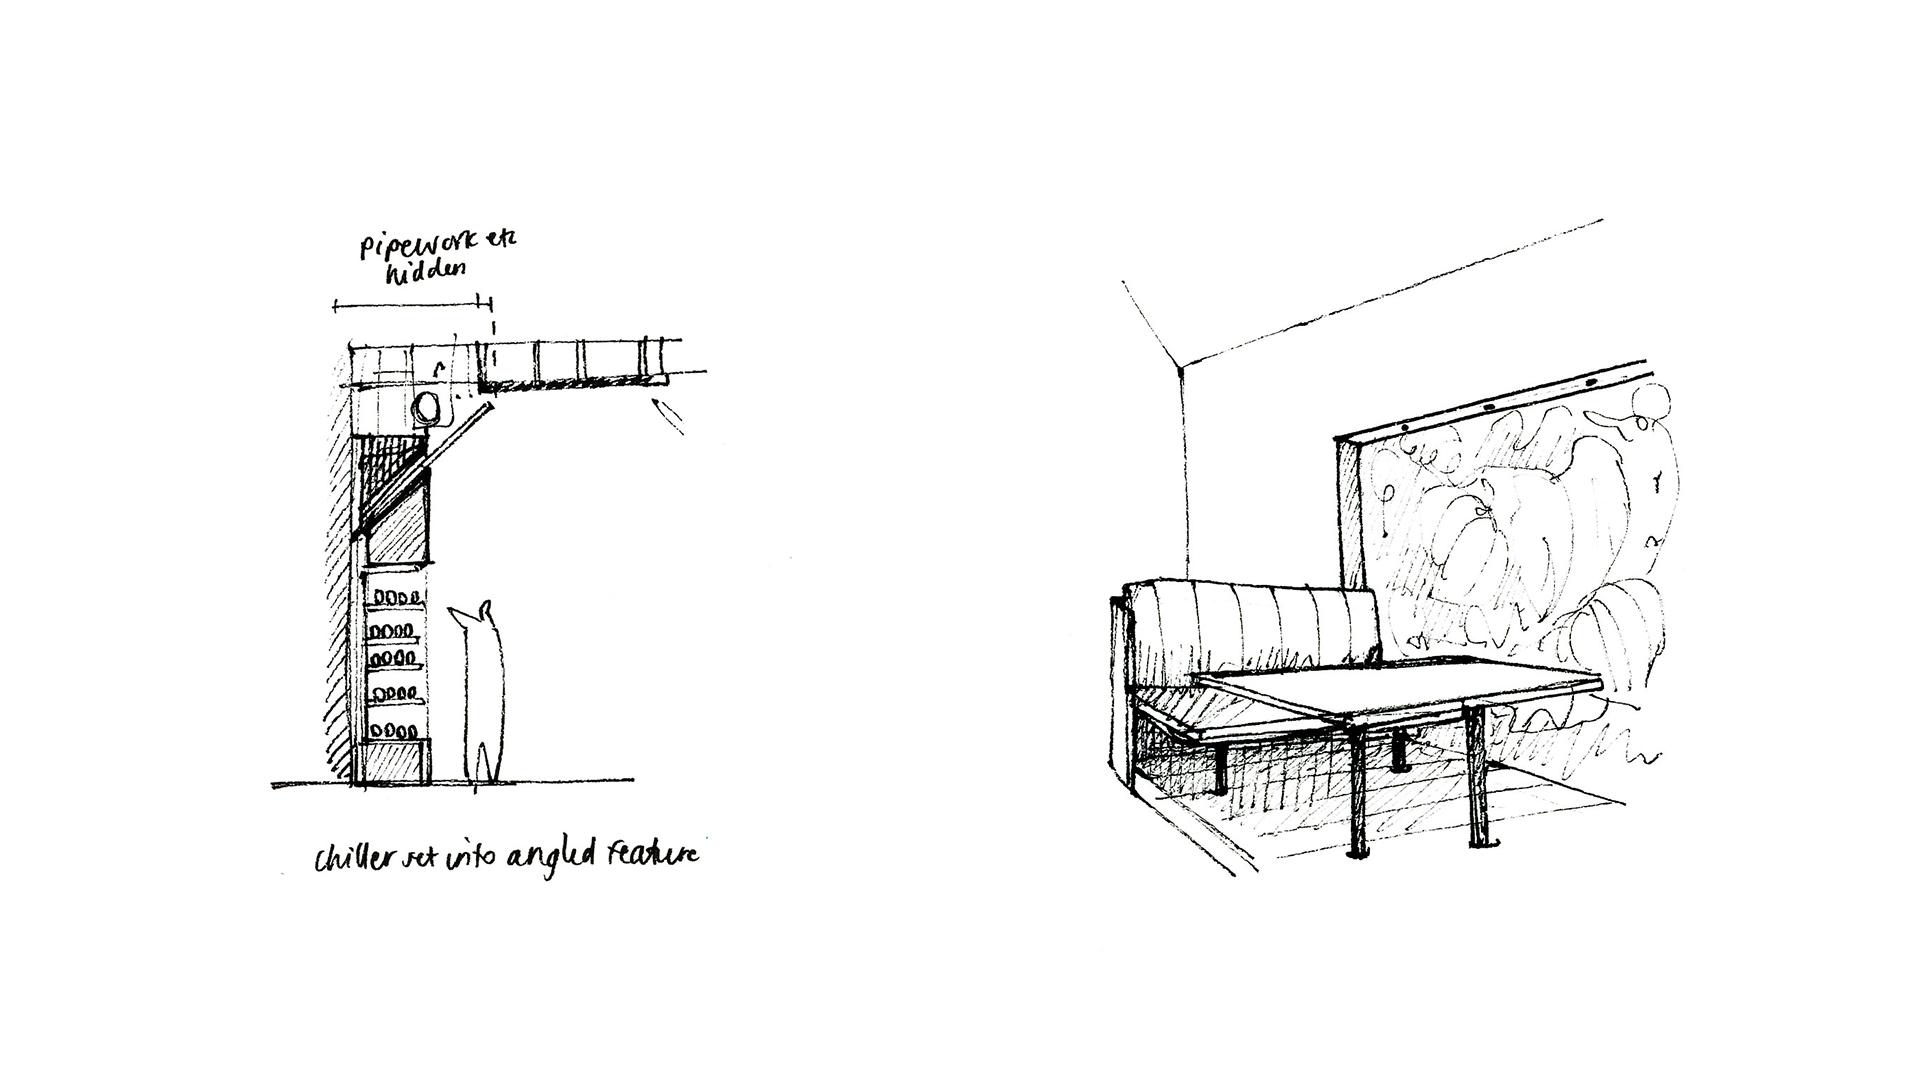 yeo-valley-sketch-details.jpg